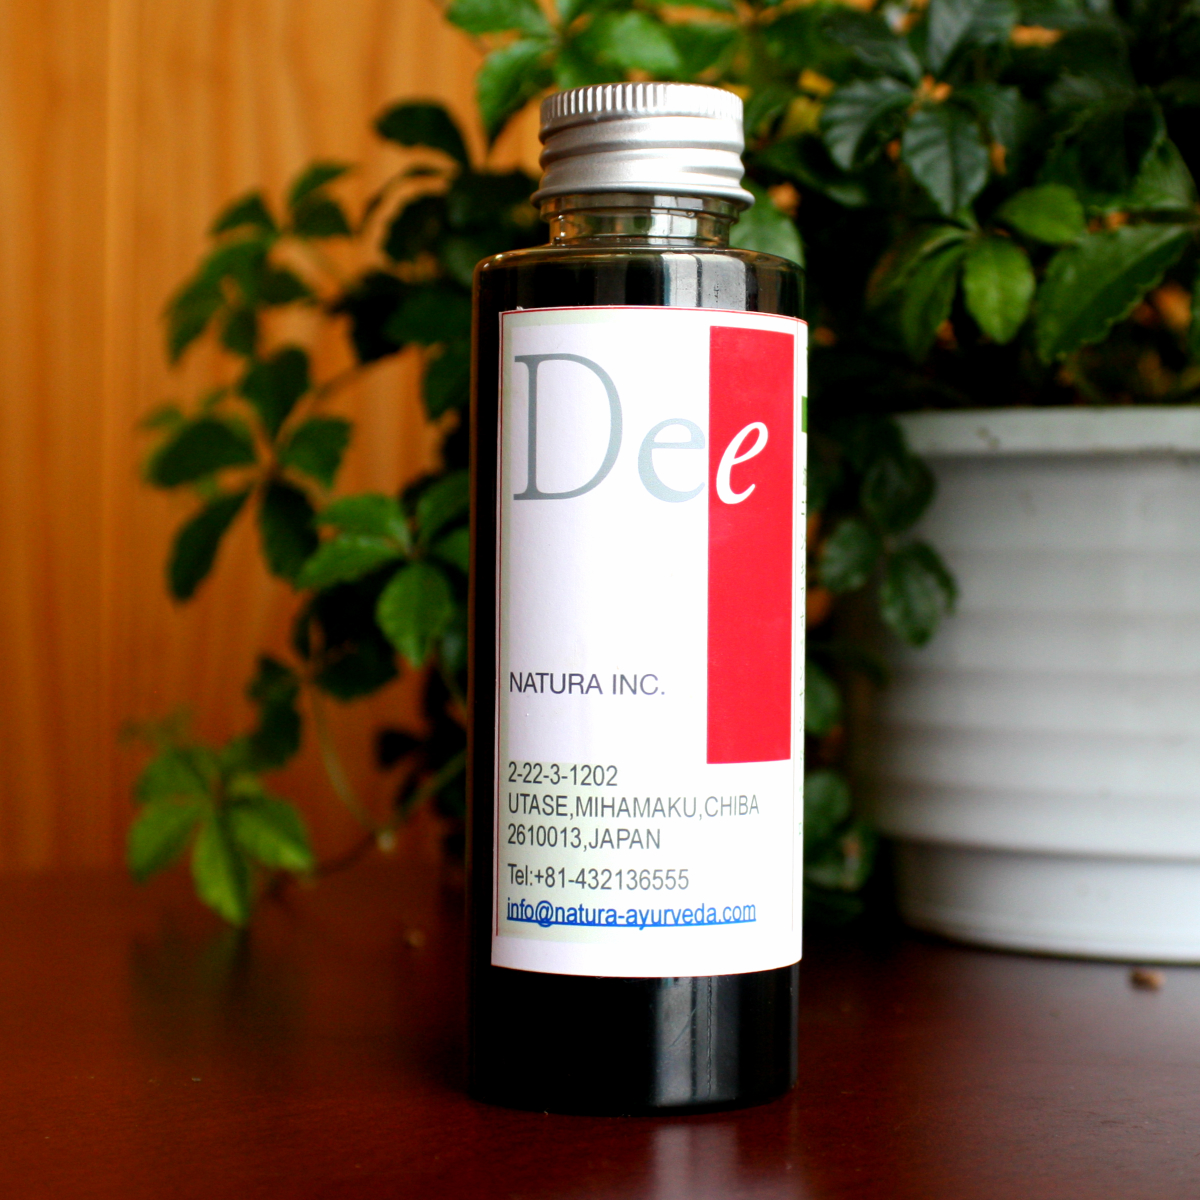 Dee マハ・ナーラヤーナオイルヴァータ体質(冷えやすく乾燥しやすい、肩や腰が疲れやすい、関節に痛みがおきやすい体質)の方に